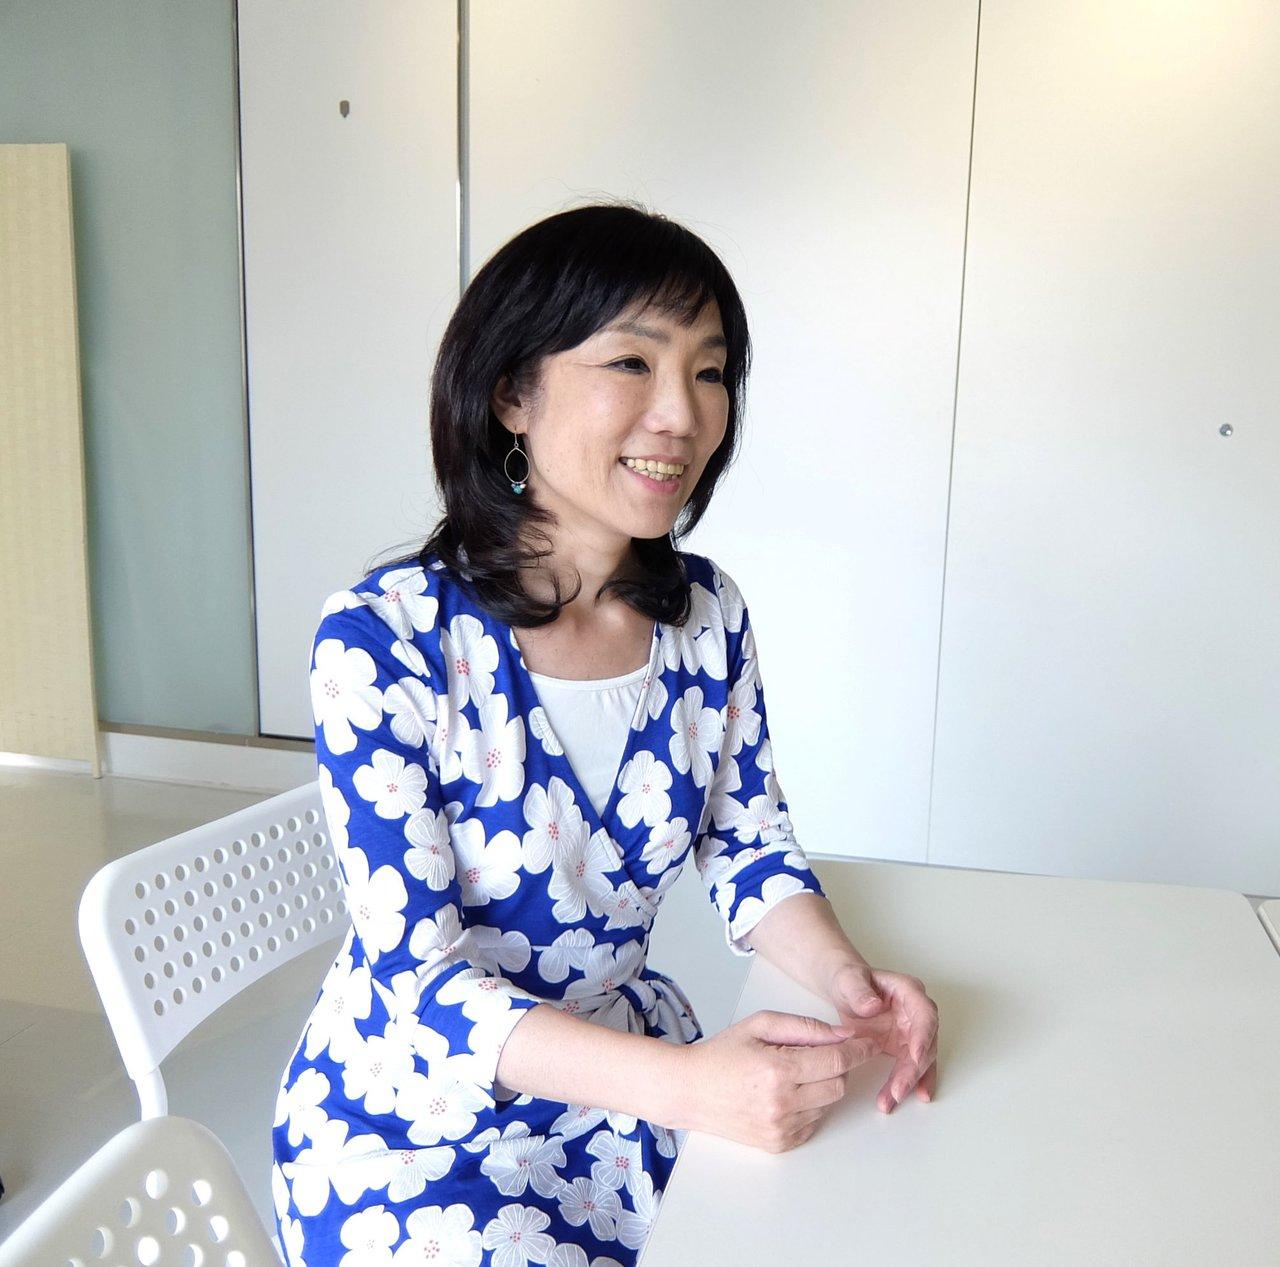 【マーケターインタビュー】対談:青木幸弘教授×日野佳恵子 女性はターゲットではなく、ライフコースで見分ける(2017年6月号)